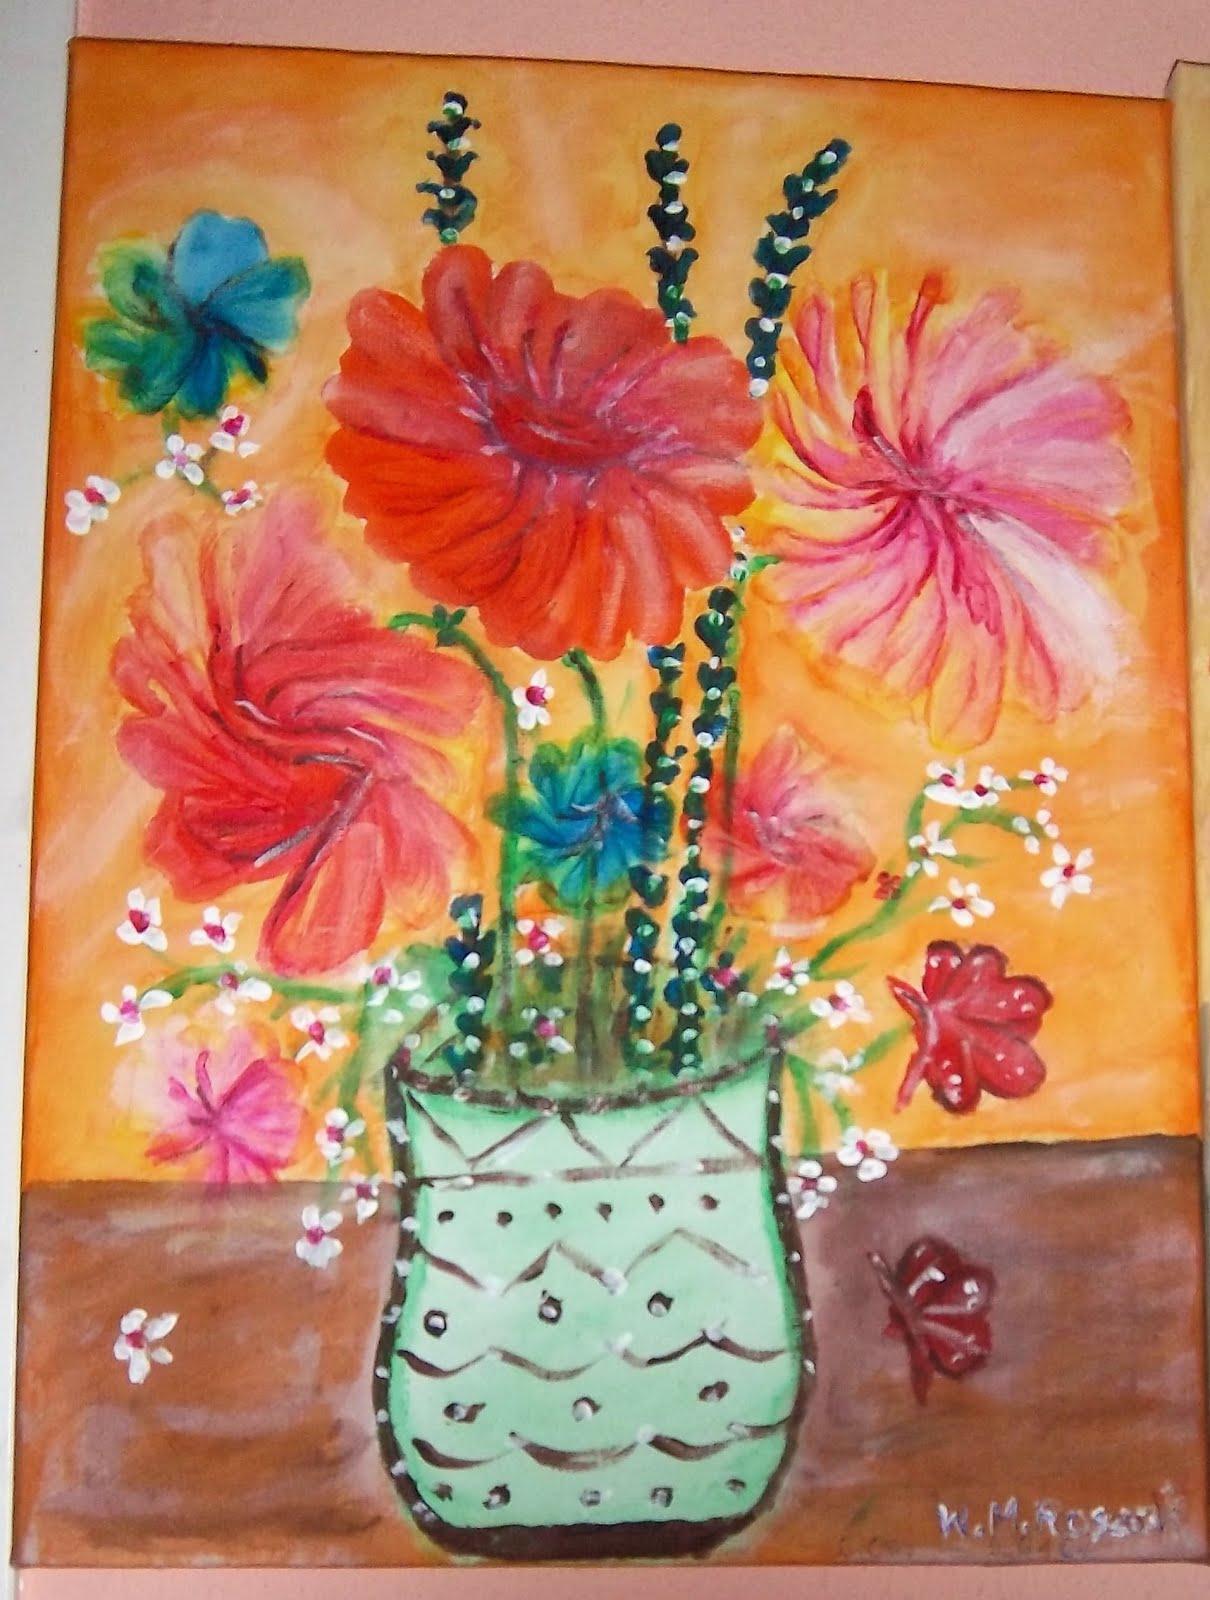 Painting by Wanda Maria Roszak